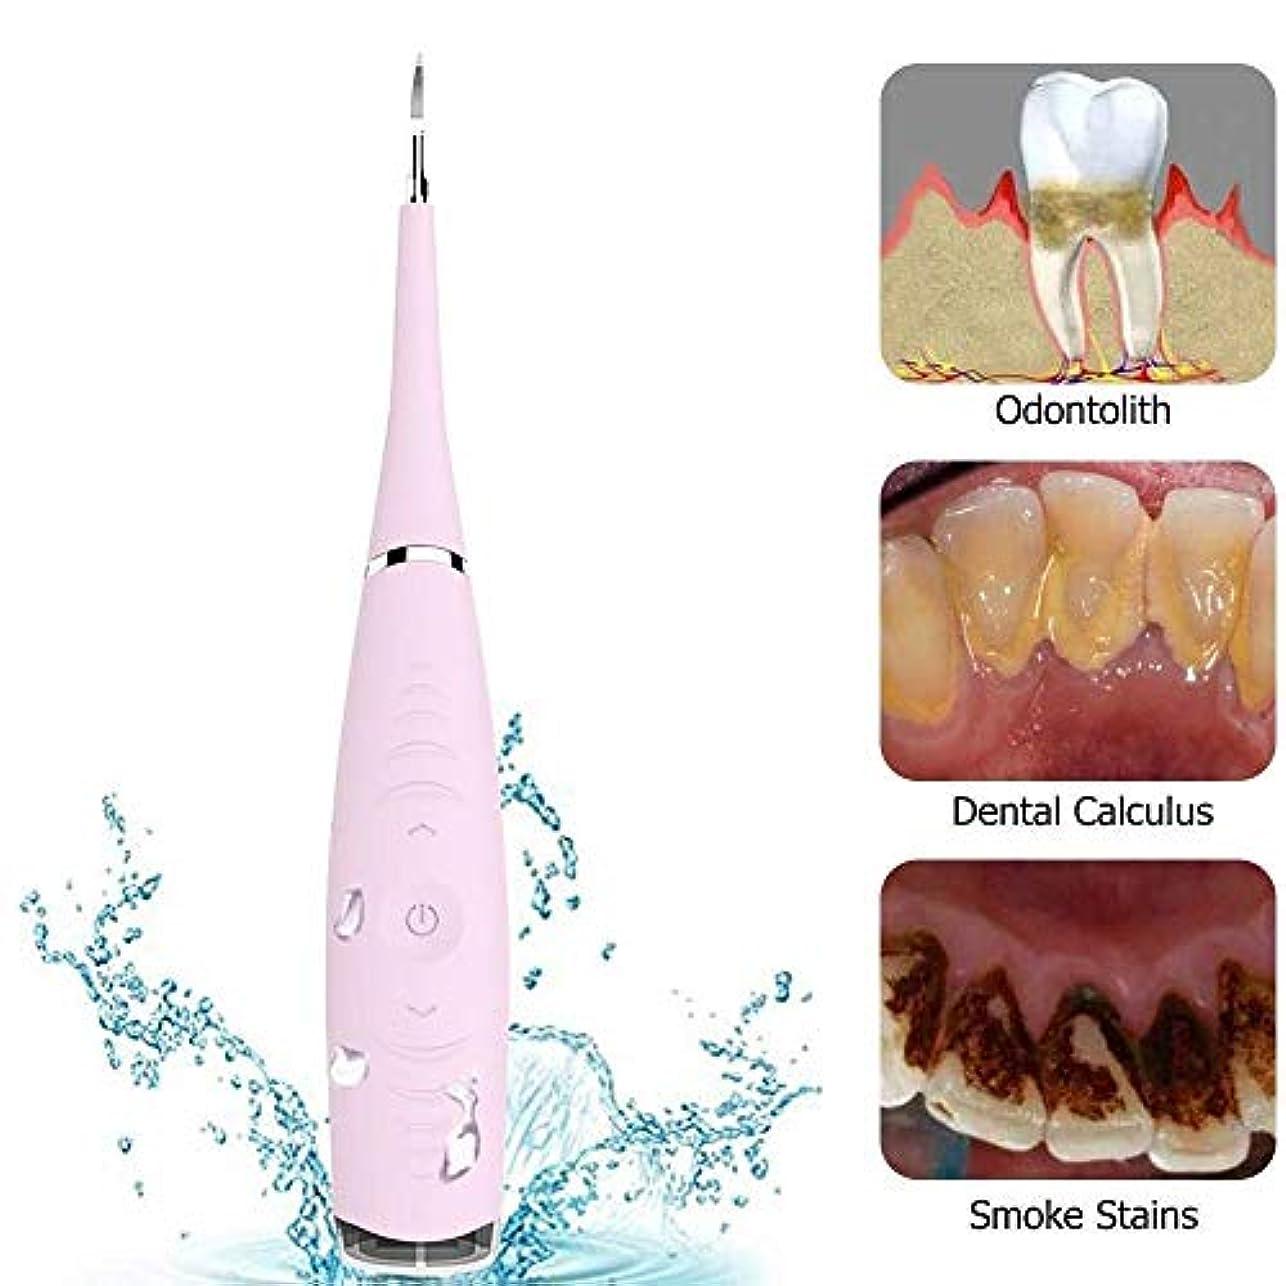 宝石追加する雑品電動音波歯石歯垢除去ツールキット - 歯スクレーパー歯石除去クリーナー歯の汚れ、歯垢除去、5調整可能モード